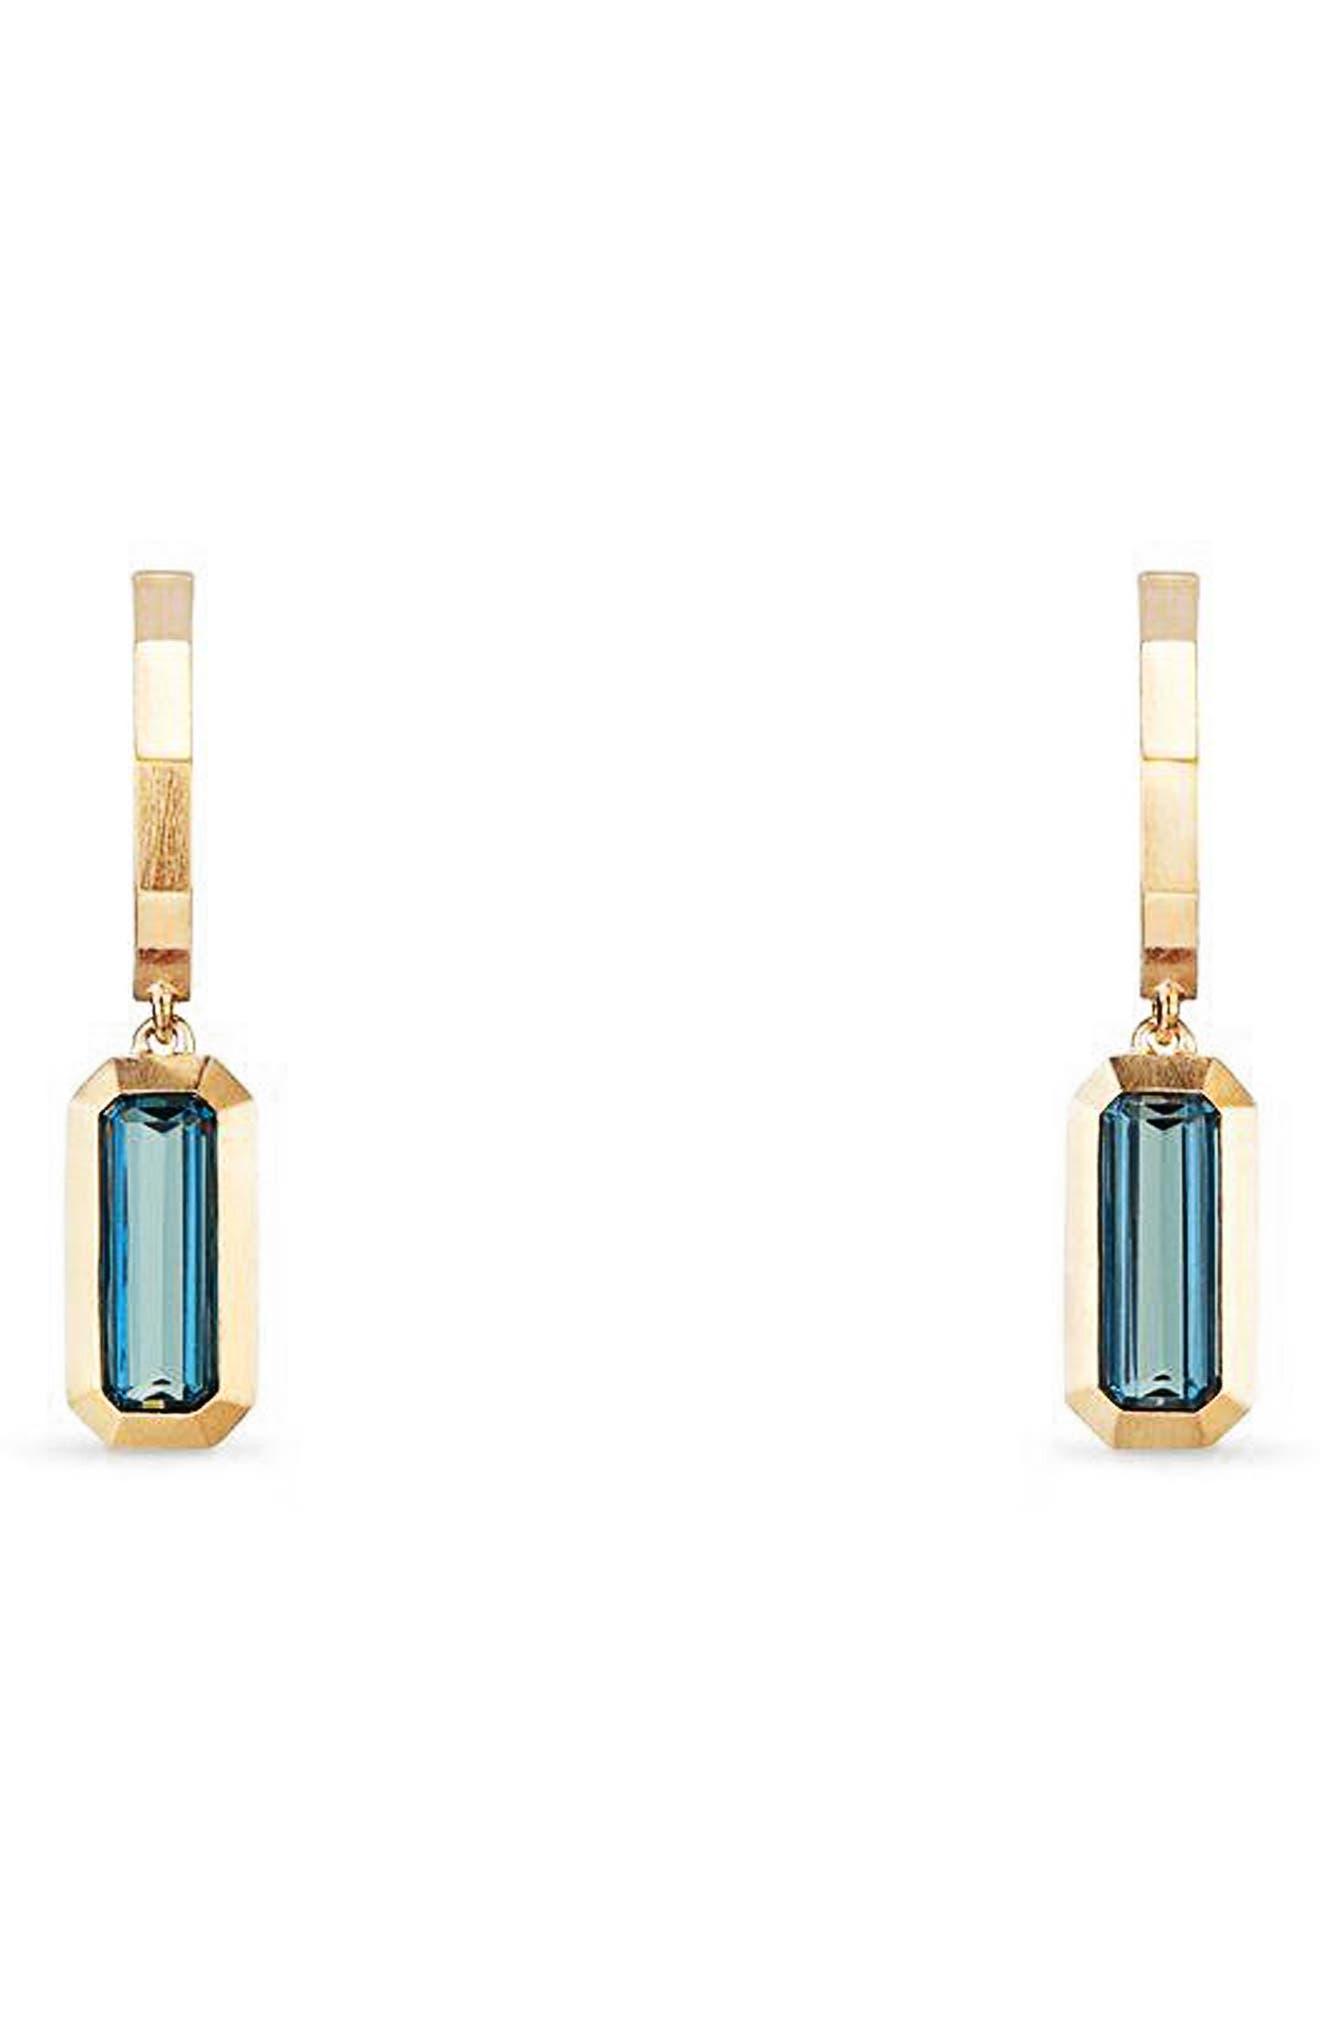 David Yurman Novella Hoop Earrings in 18K Gold